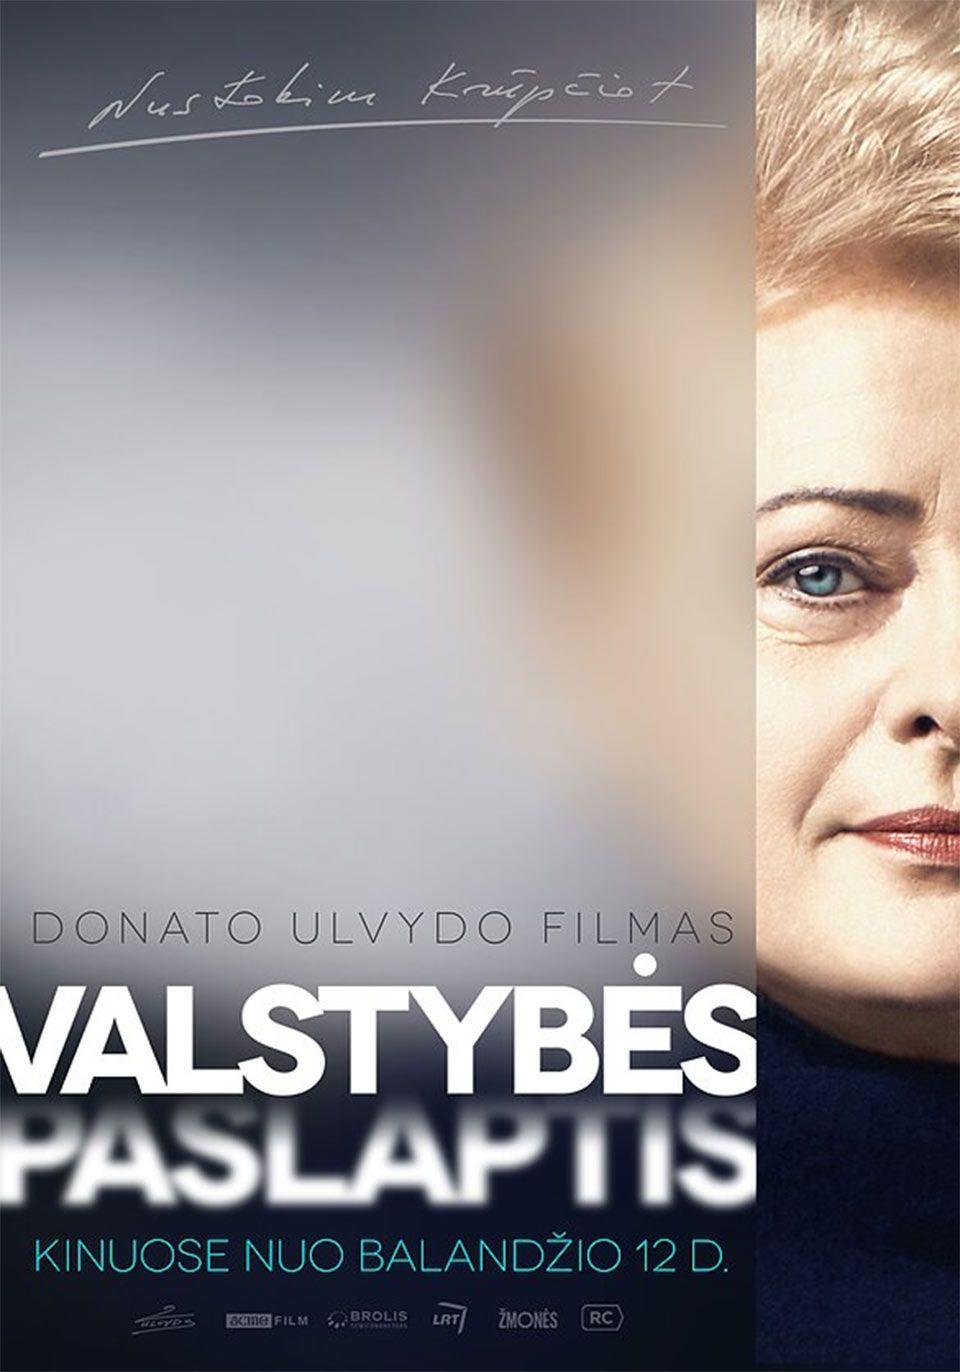 """Donatas Ulvydas  """"Valstybės paslaptis"""" (2019, trukmė 1:39)"""